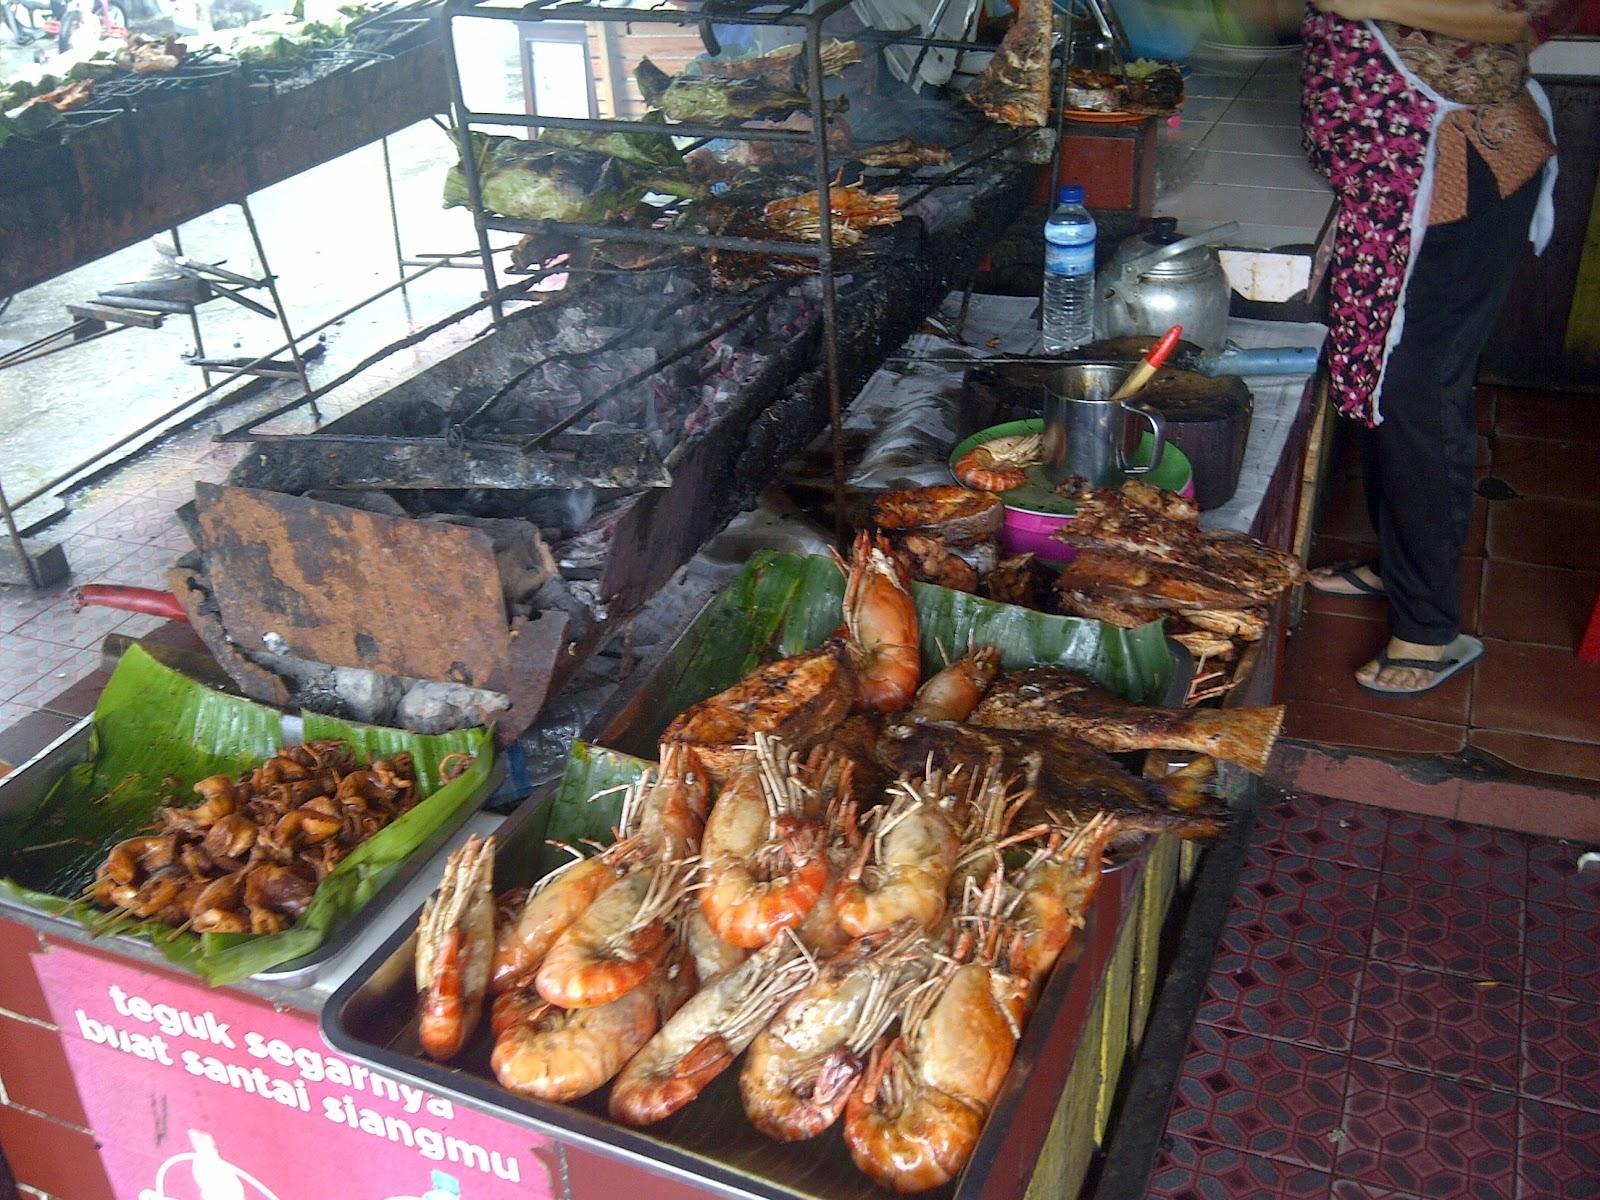 Wins Shop Menjual Berbagai Mukena Bali Lulur Bali Sekar